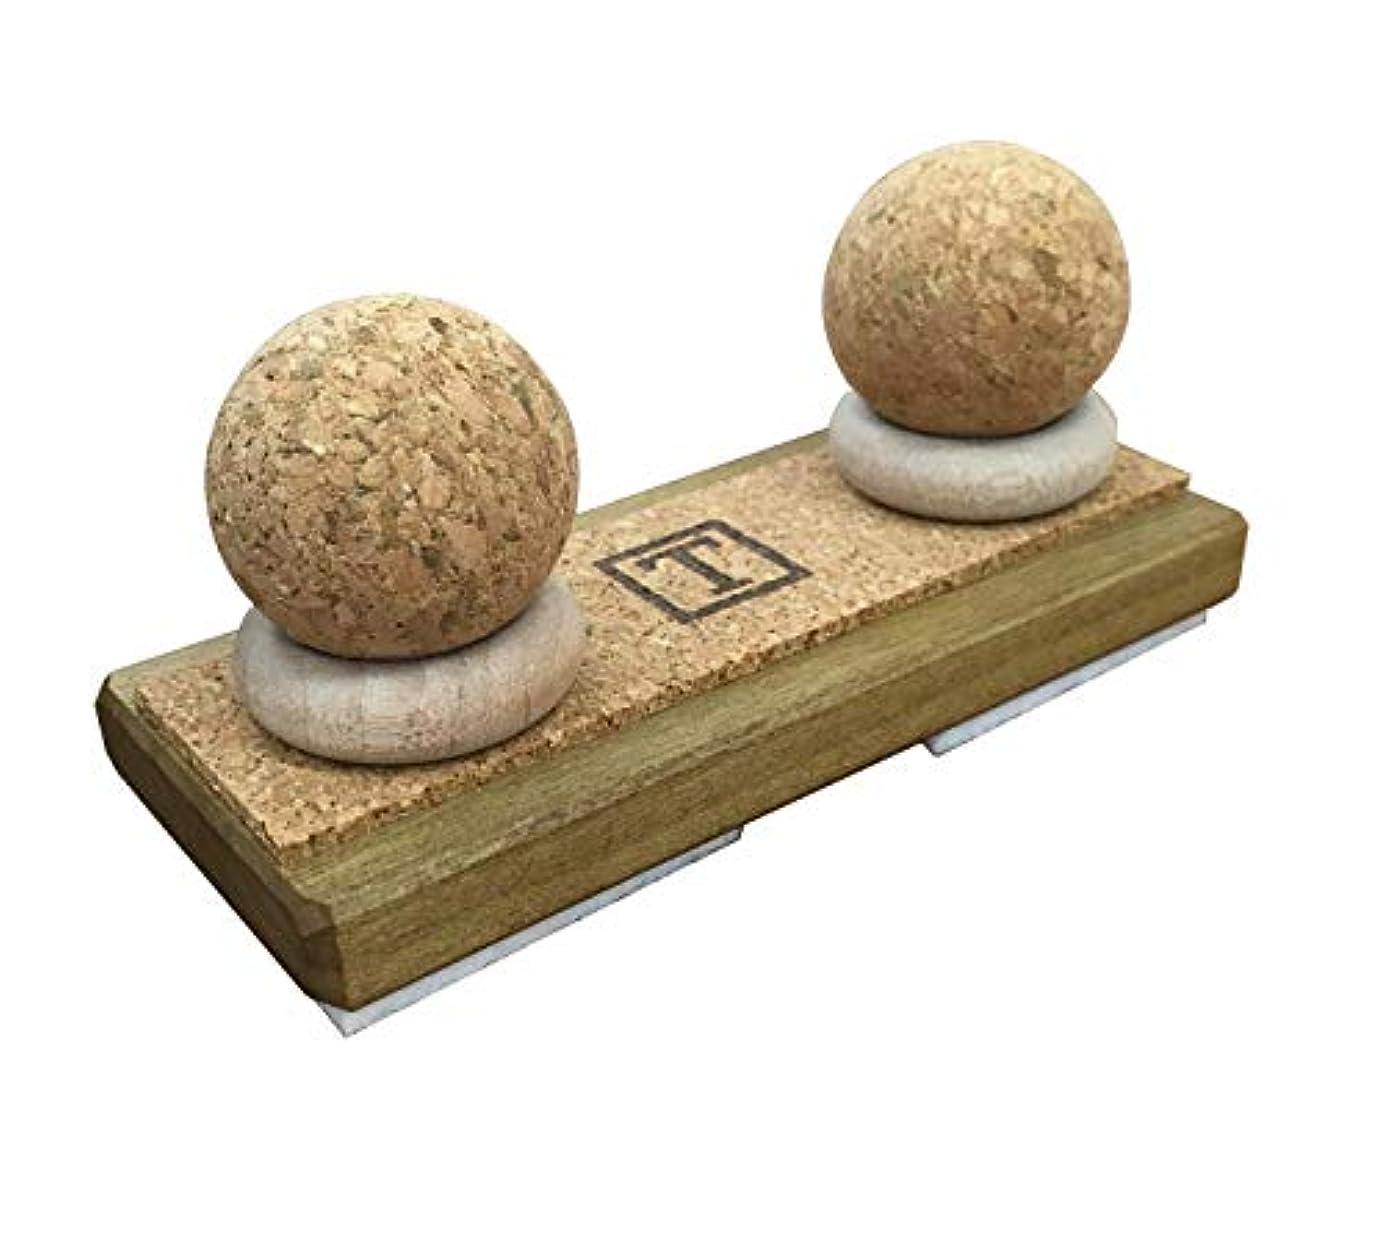 リア王バッジタイトル『揉みの木シリーズ 腰プロストレッチ Low Type』つぼ押しマッサージ器 背中下部 腰 セルフメンテナンスを強力にサポート